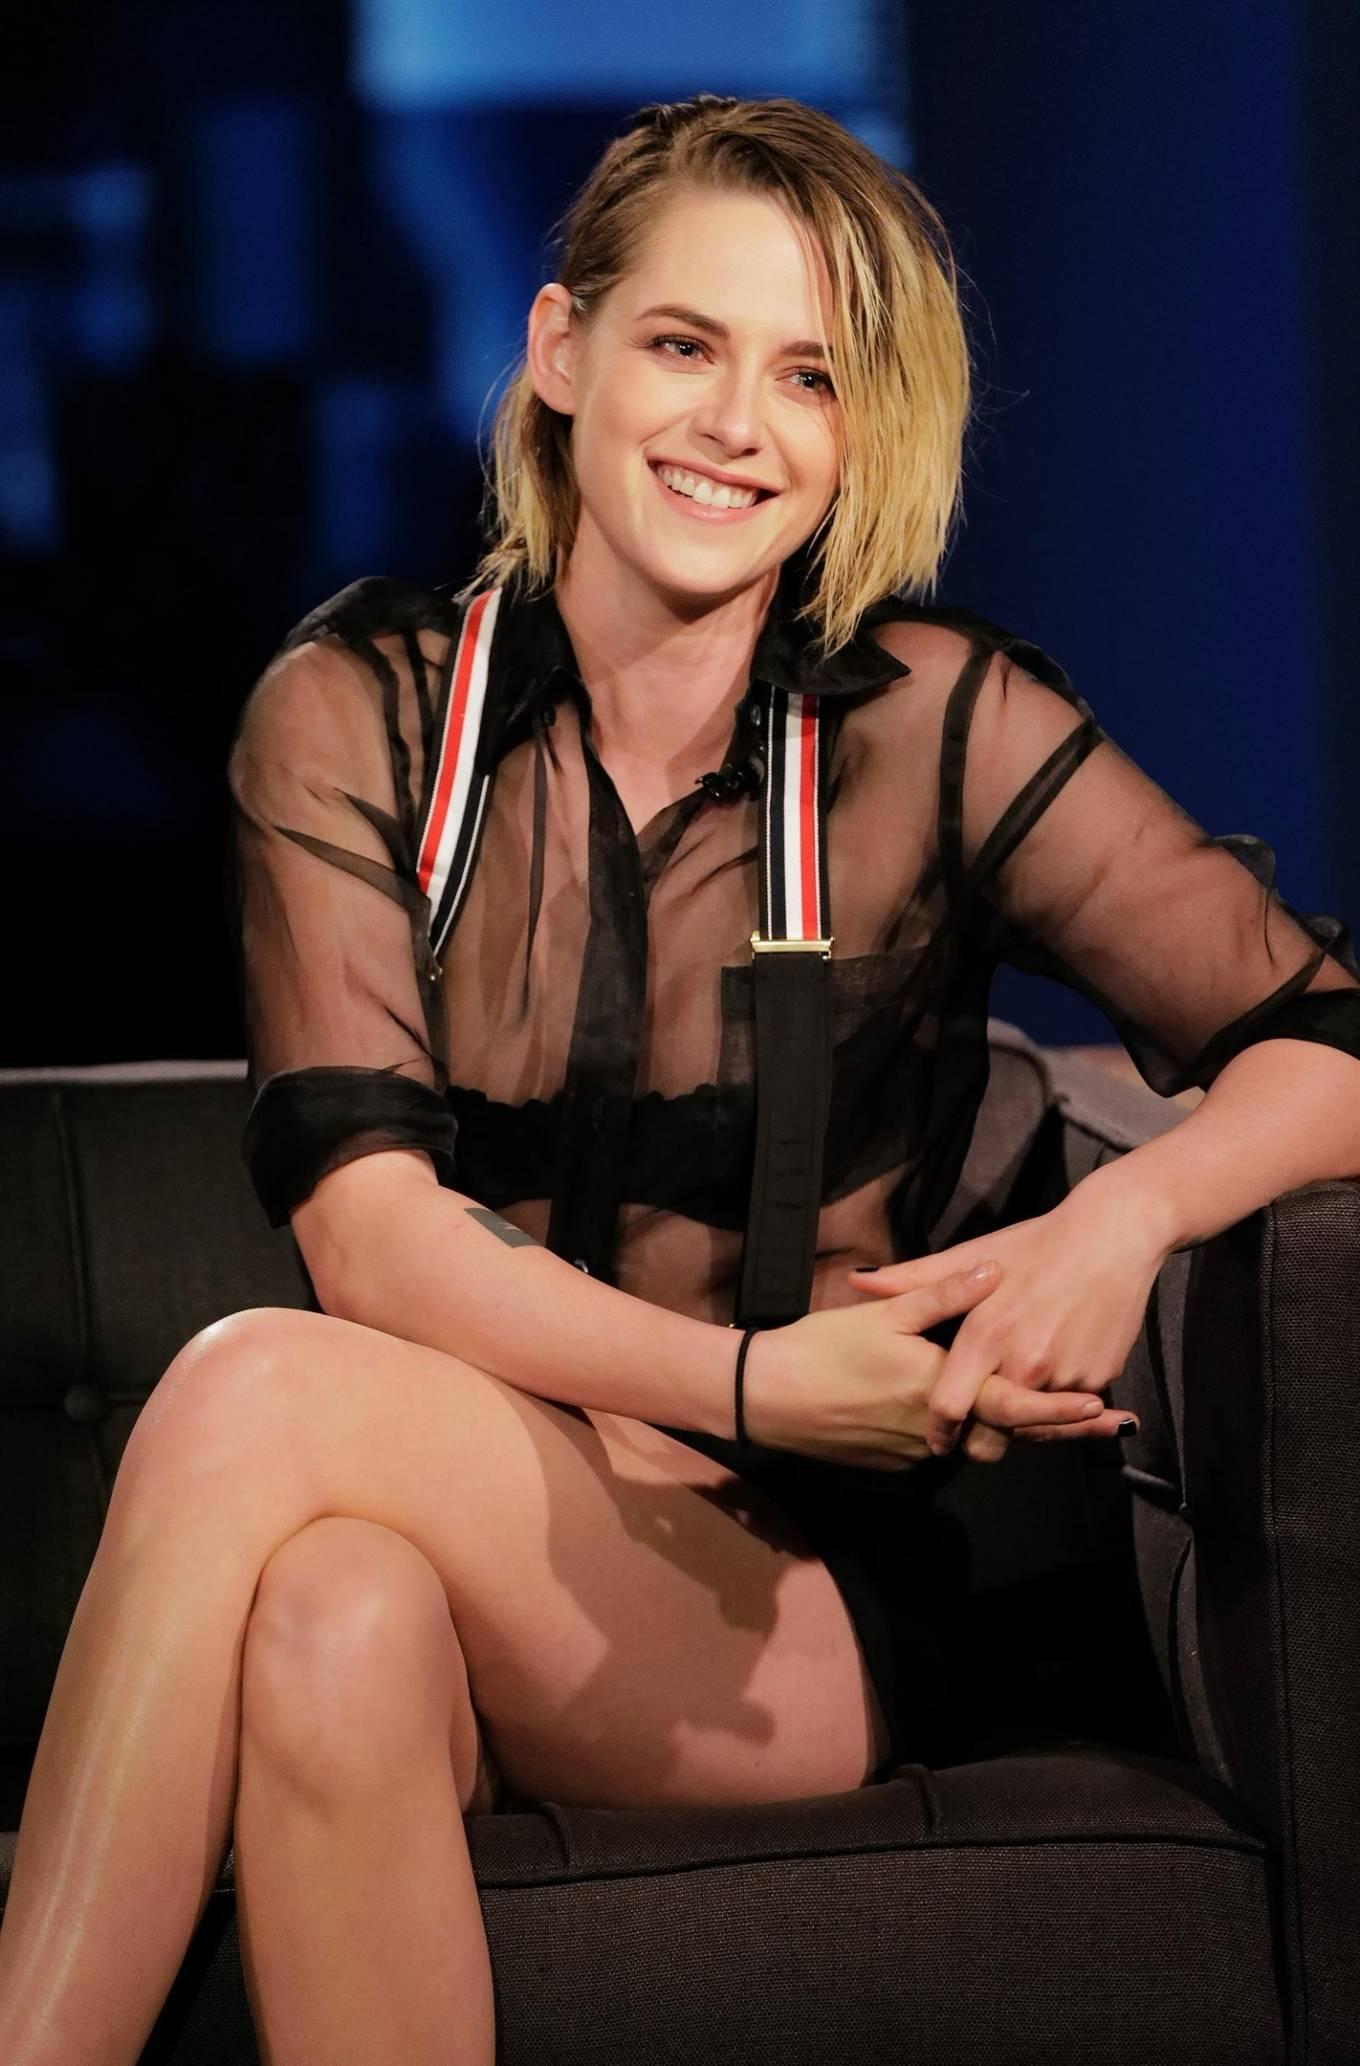 Kristen Stewart - Looks sweet on 'Jimmy Kimmel Live' in Hollywood